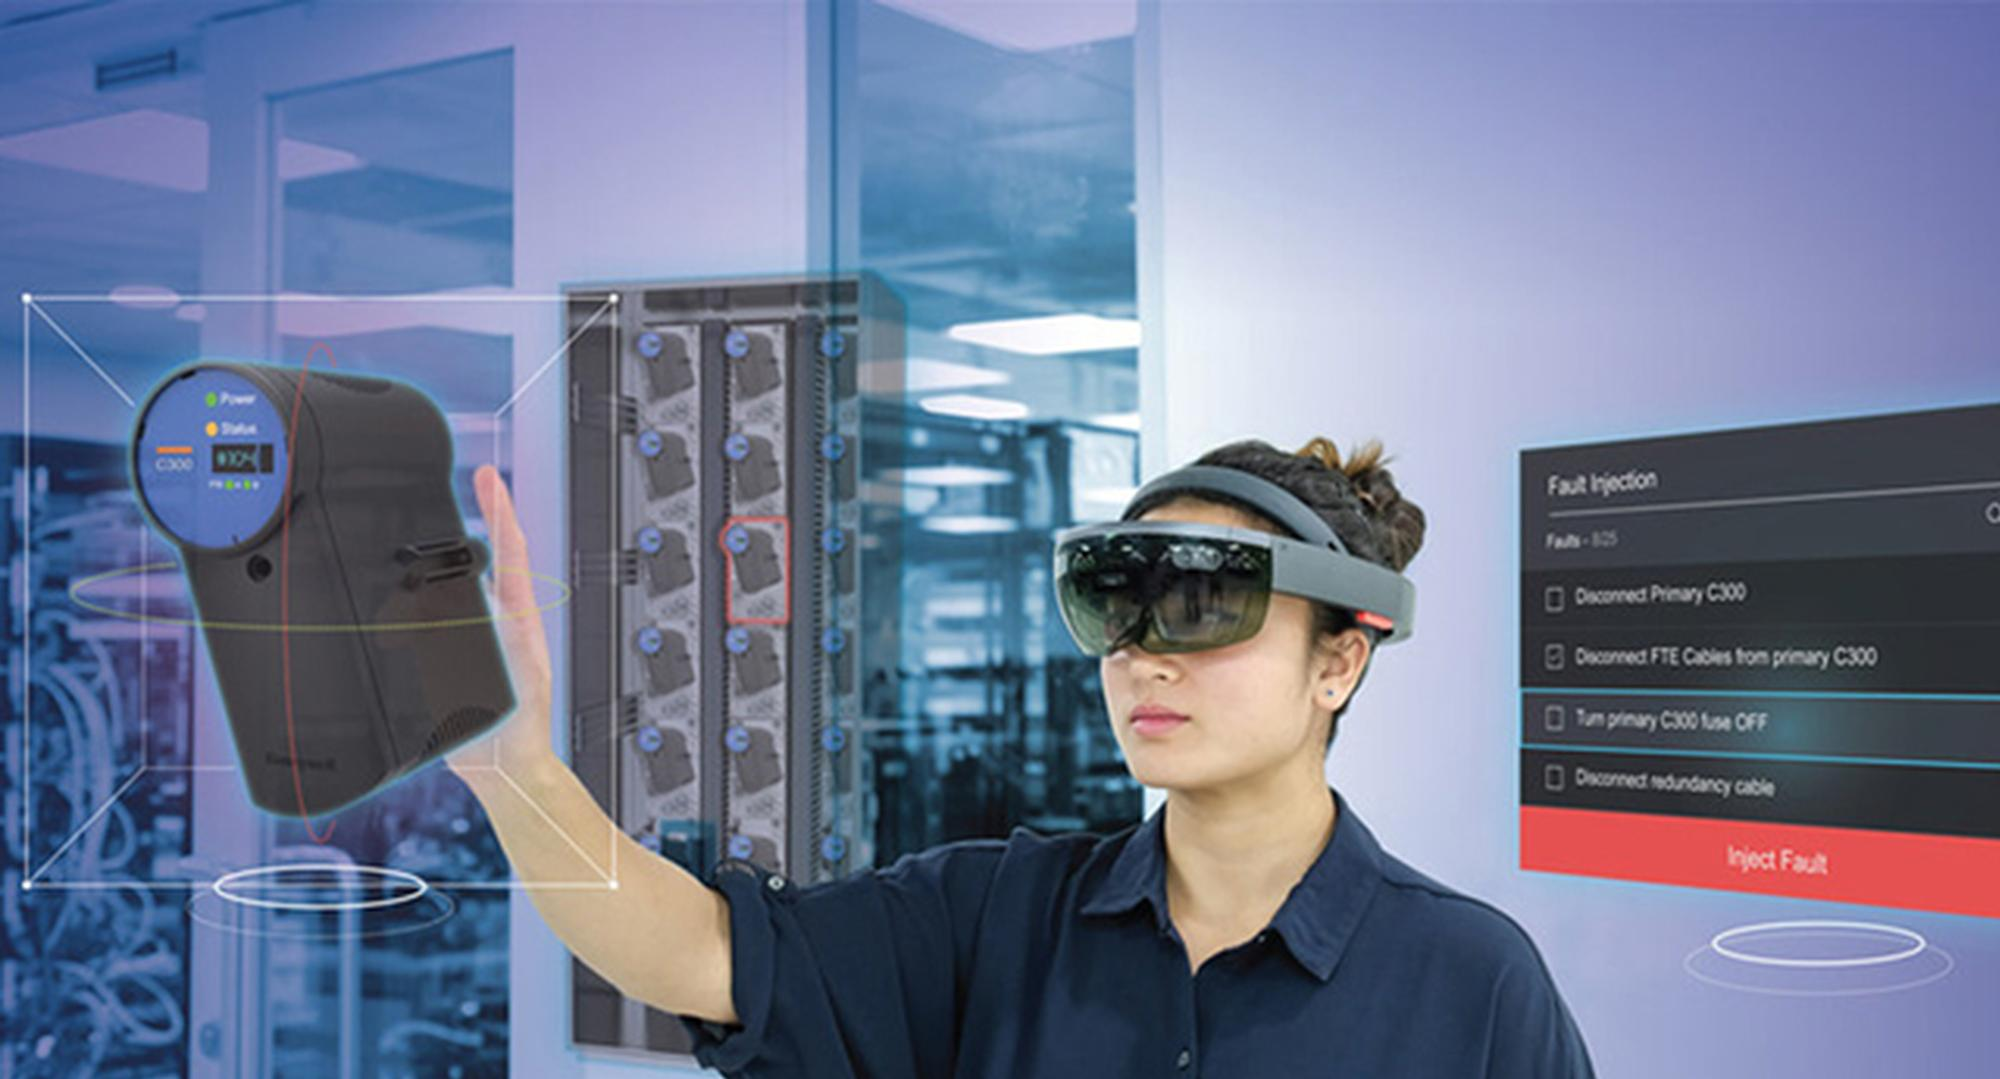 效率提高66% 霍尼韦尔启用AR/VR员工技能培训系统 基于Windows MR平台